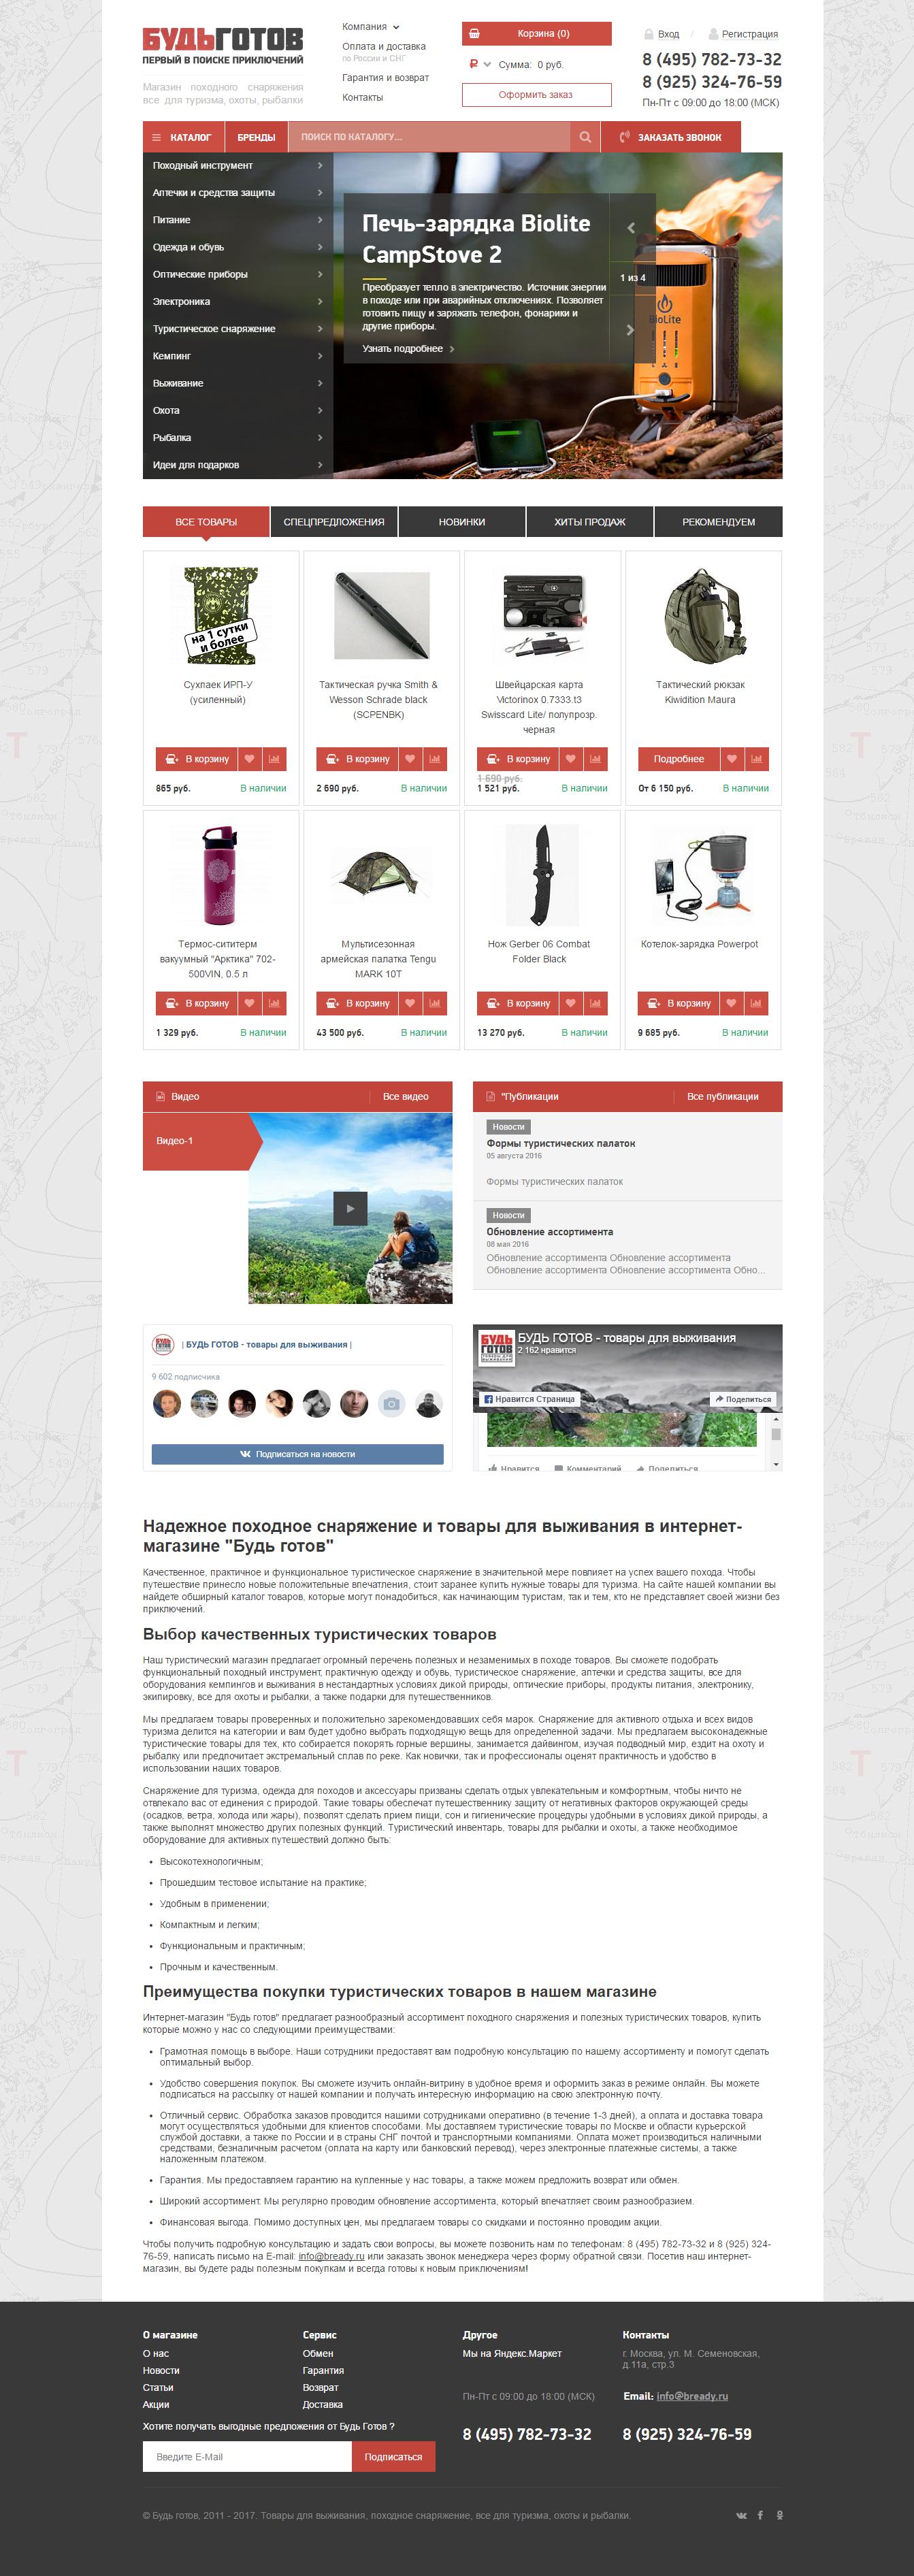 Интернет-магазин товаров для кемпинга, охоты, рыбалки БУДЬГОТОВ